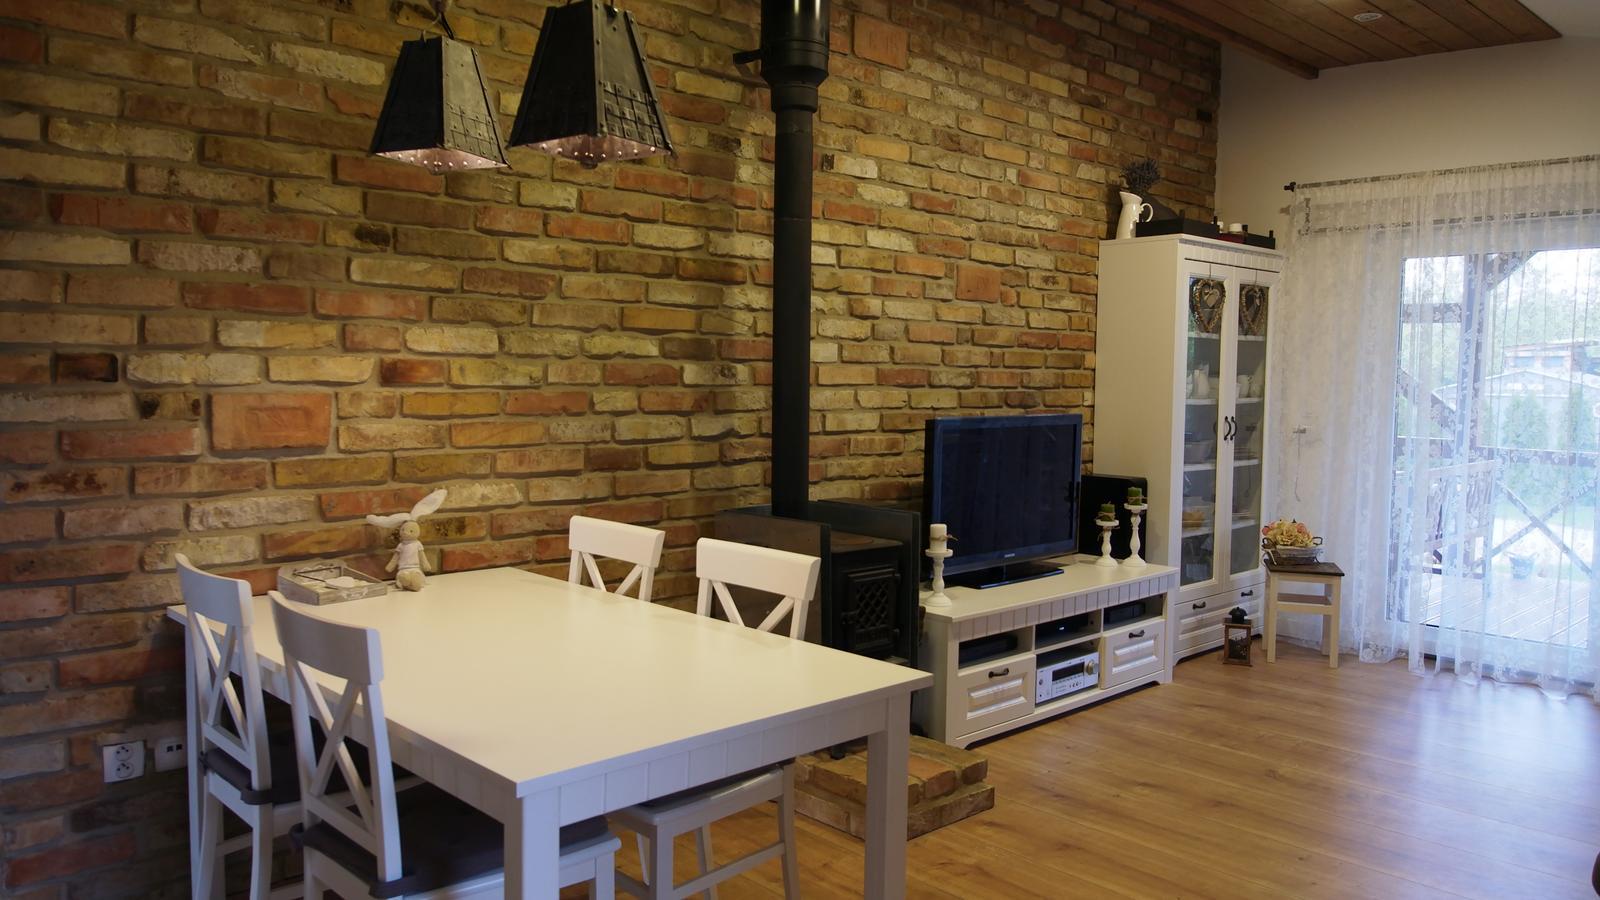 Náš domček ♡ Bramasole ♡ ... Stilo interiér aj exteriér 3. rok bývania - Obrázok č. 1